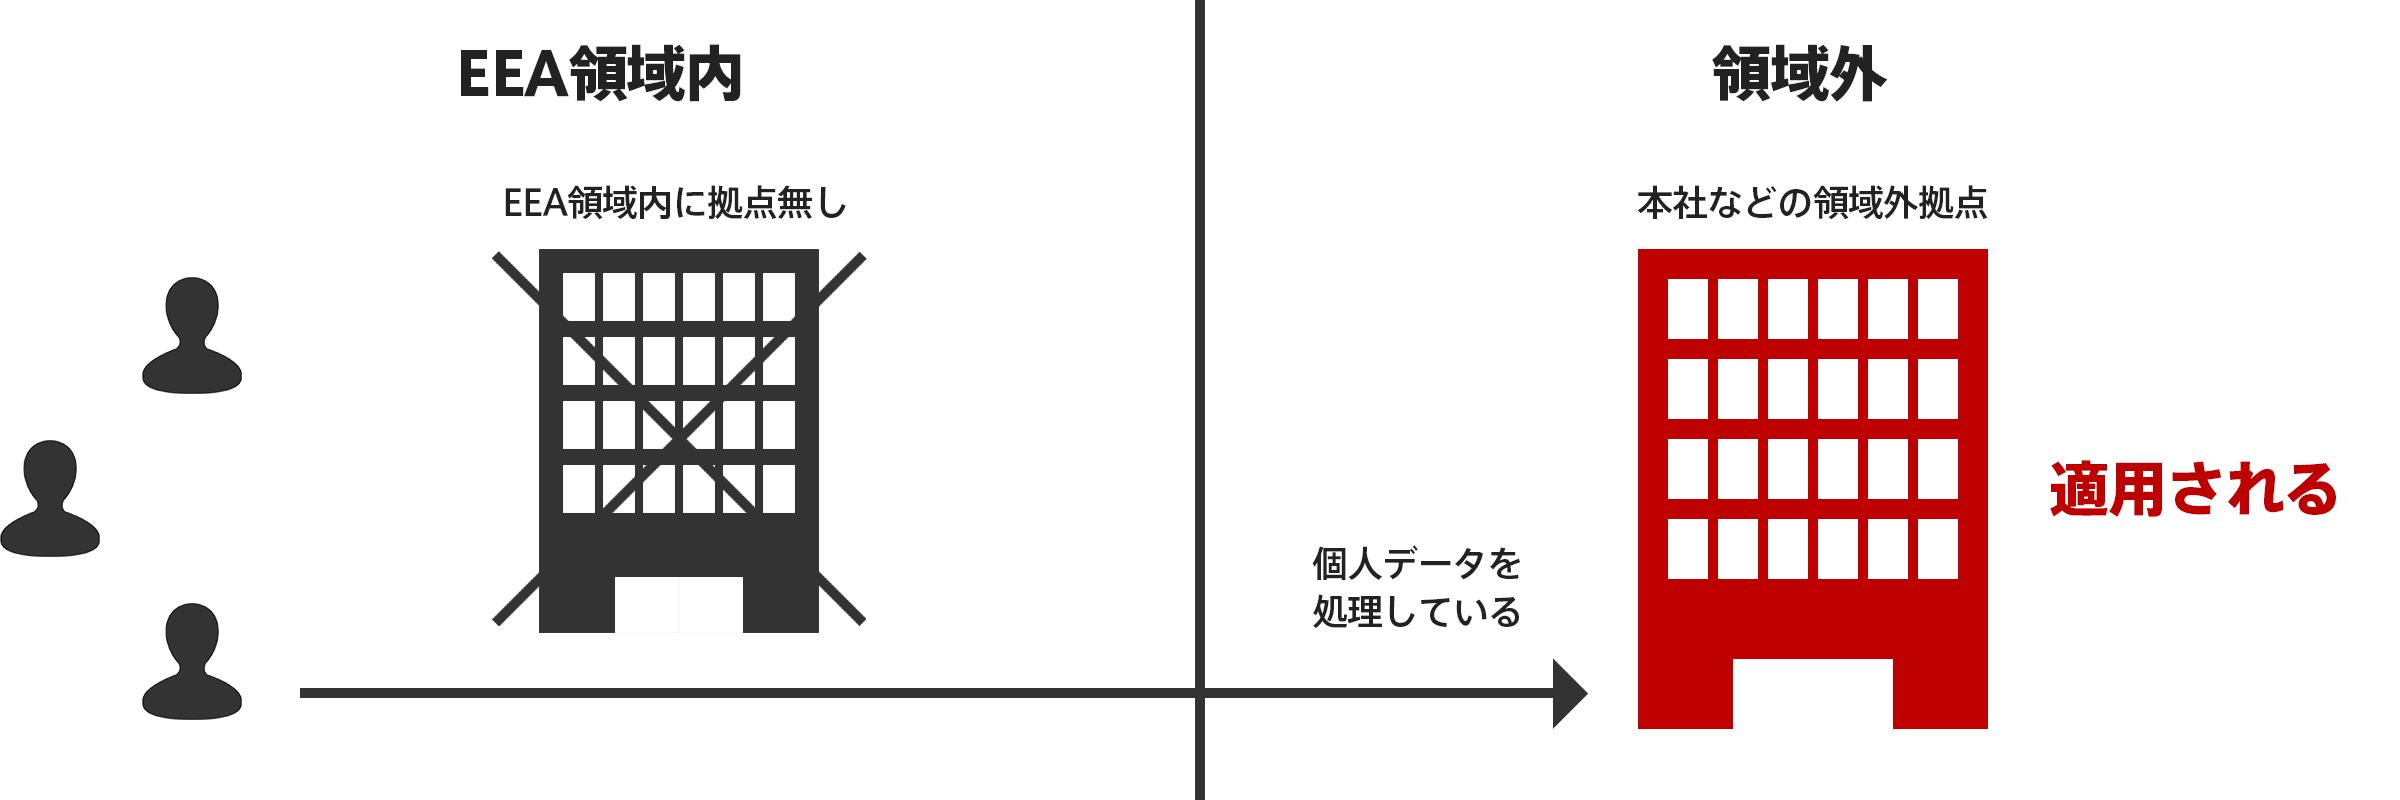 株式会社アイドマ